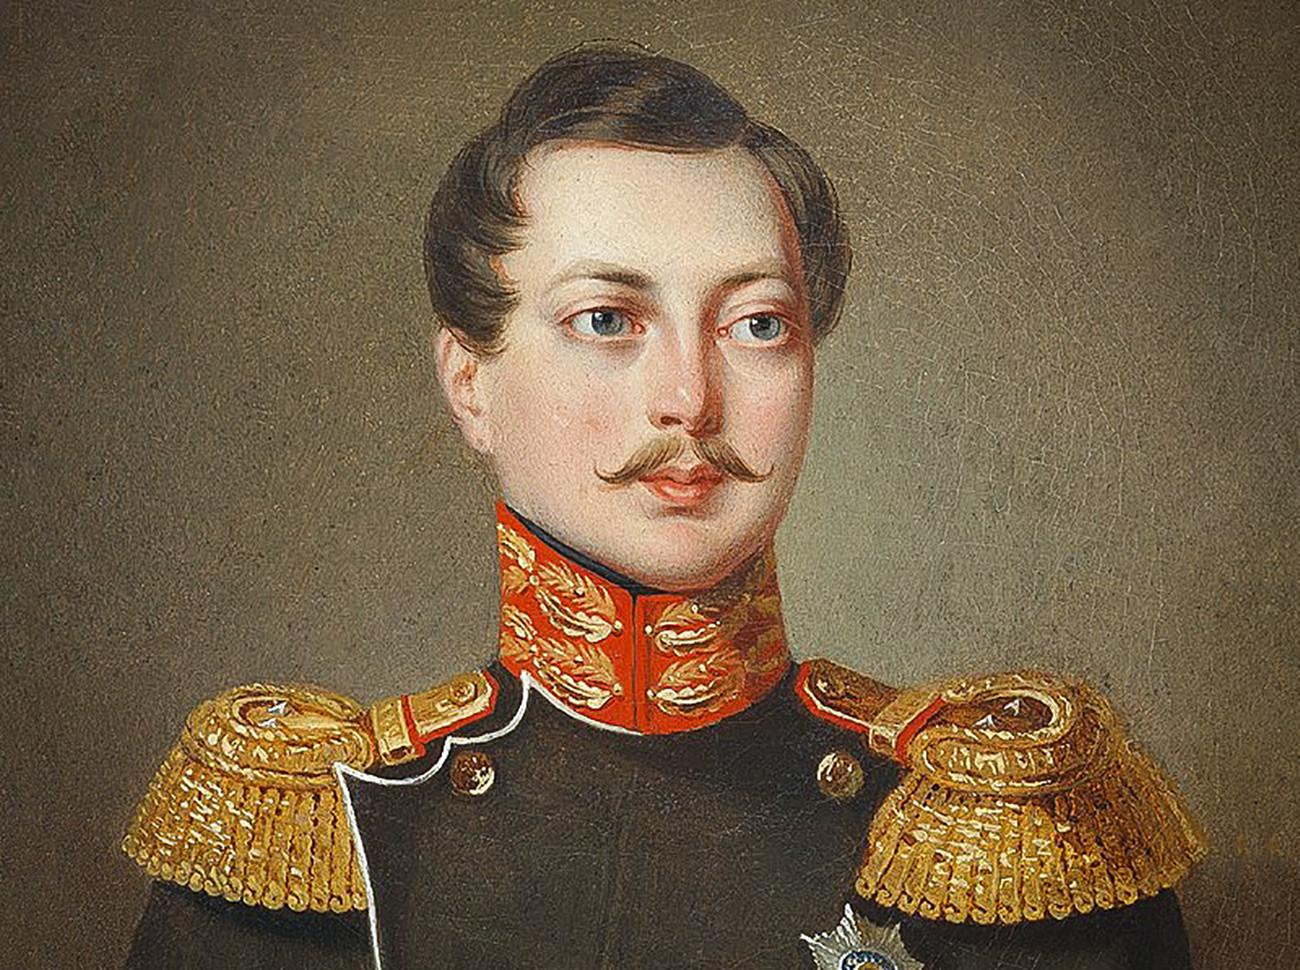 ロシア皇太子のアレクサンドル・ニコラエヴィチ、未来の皇帝アレクサンドル2世